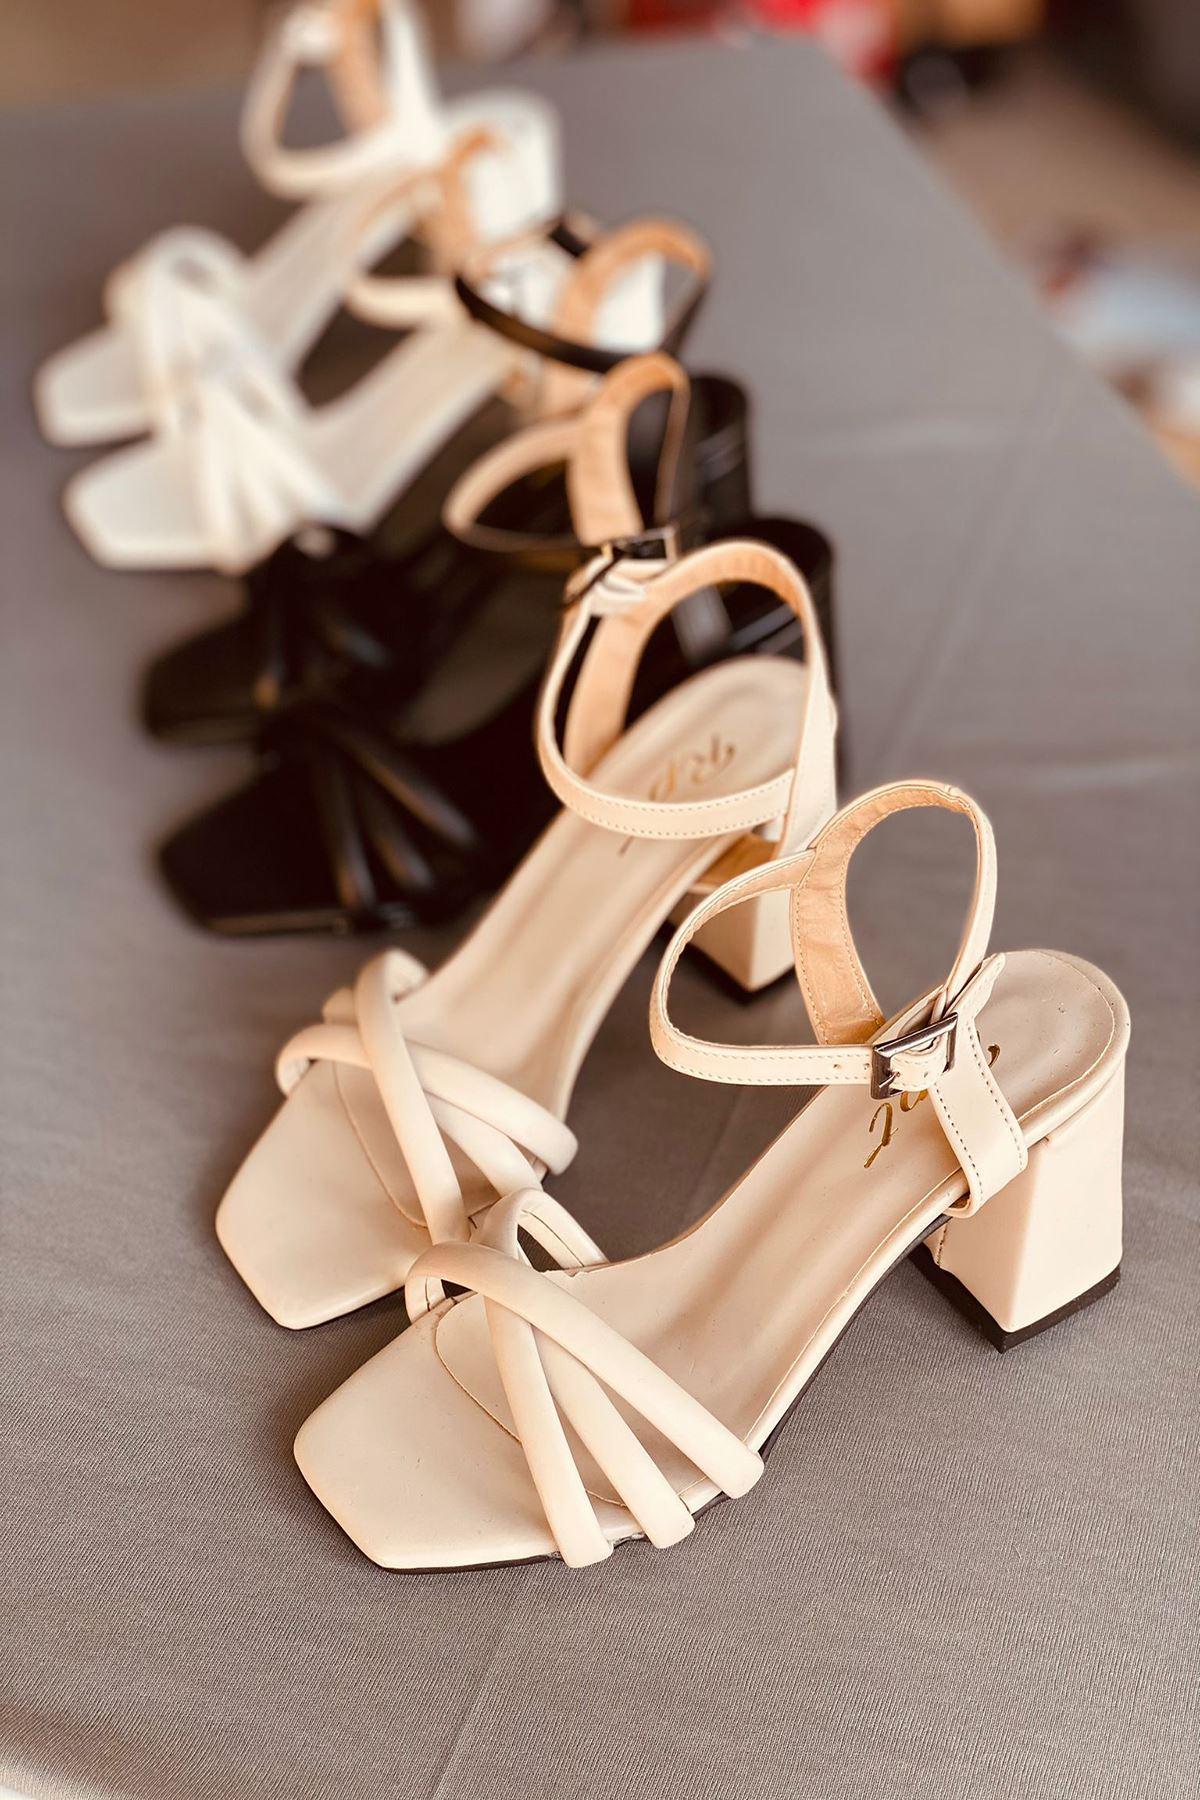 Y930 Ten Deri Topuklu Ayakkabı